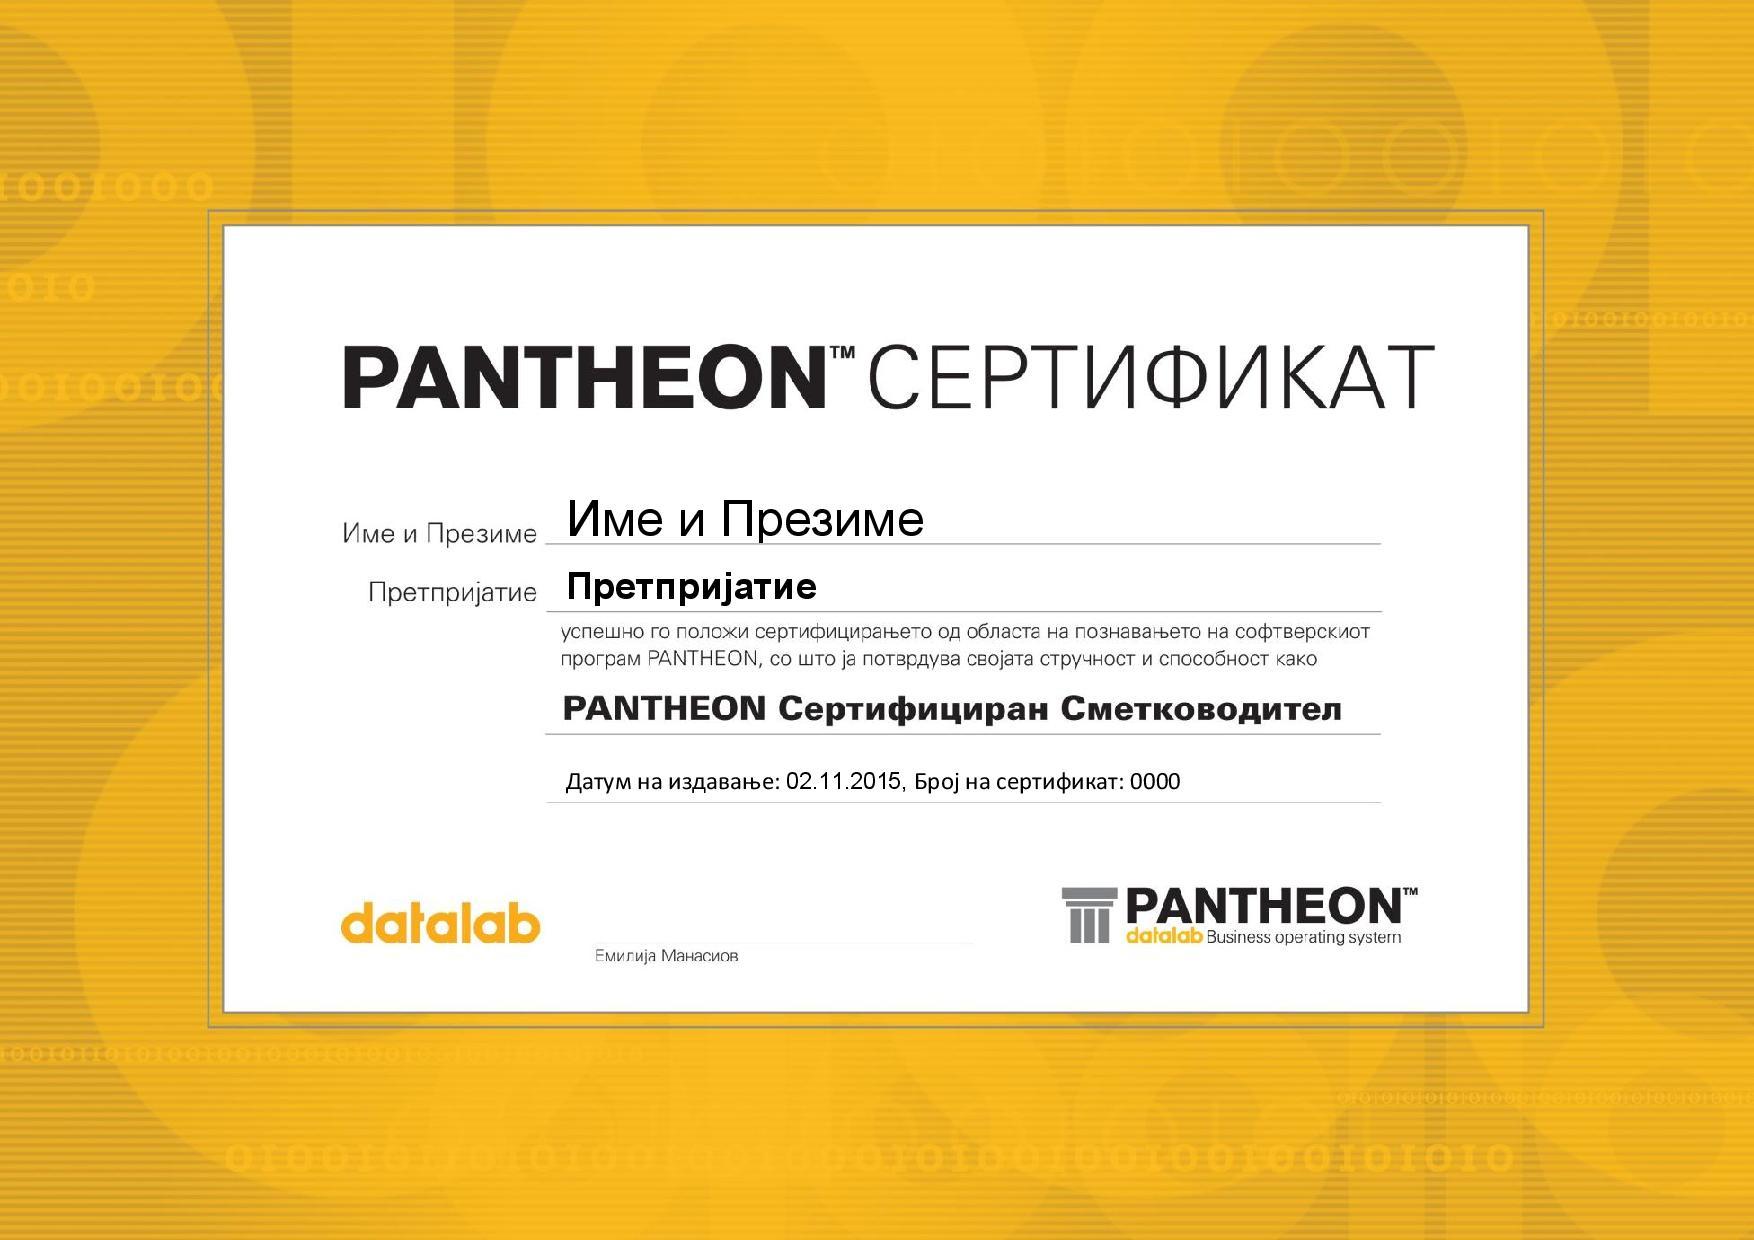 Certificirani računovodja PANTHEON